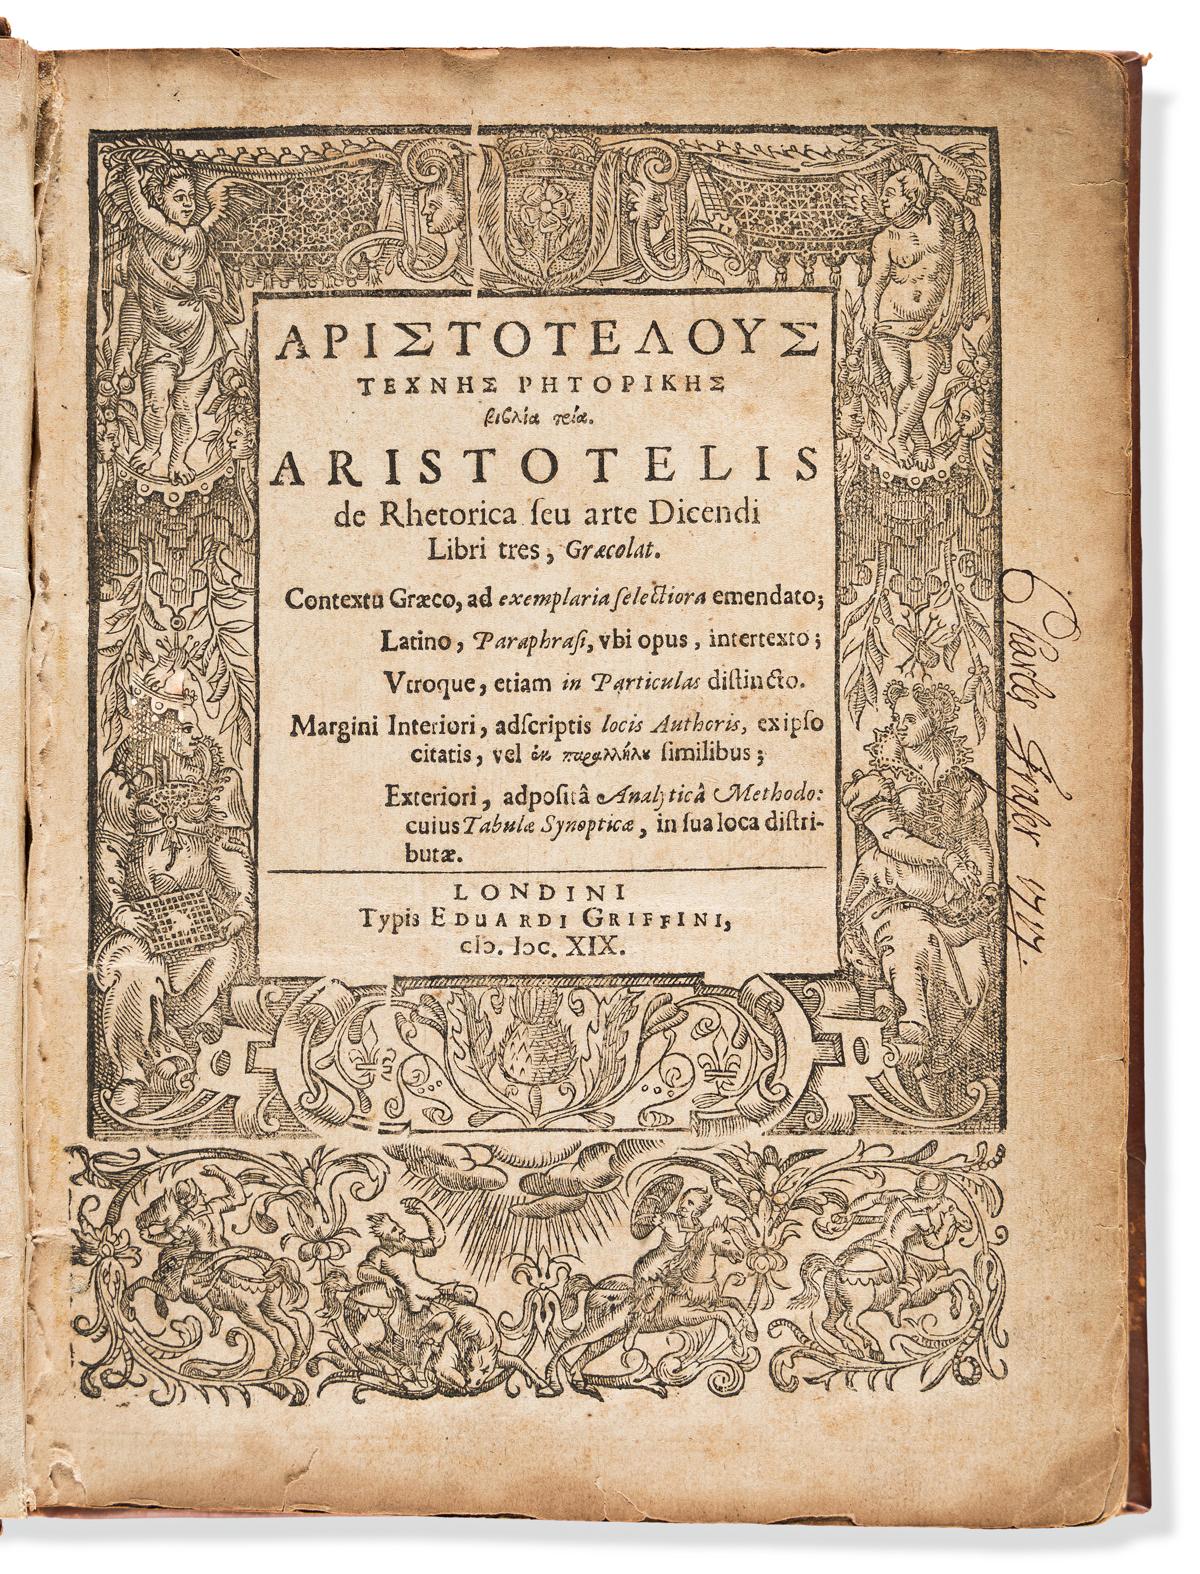 Aristotle (385-323 BC) Rhetorica seu Arte Dicendi Libri Tres, Graecolat.